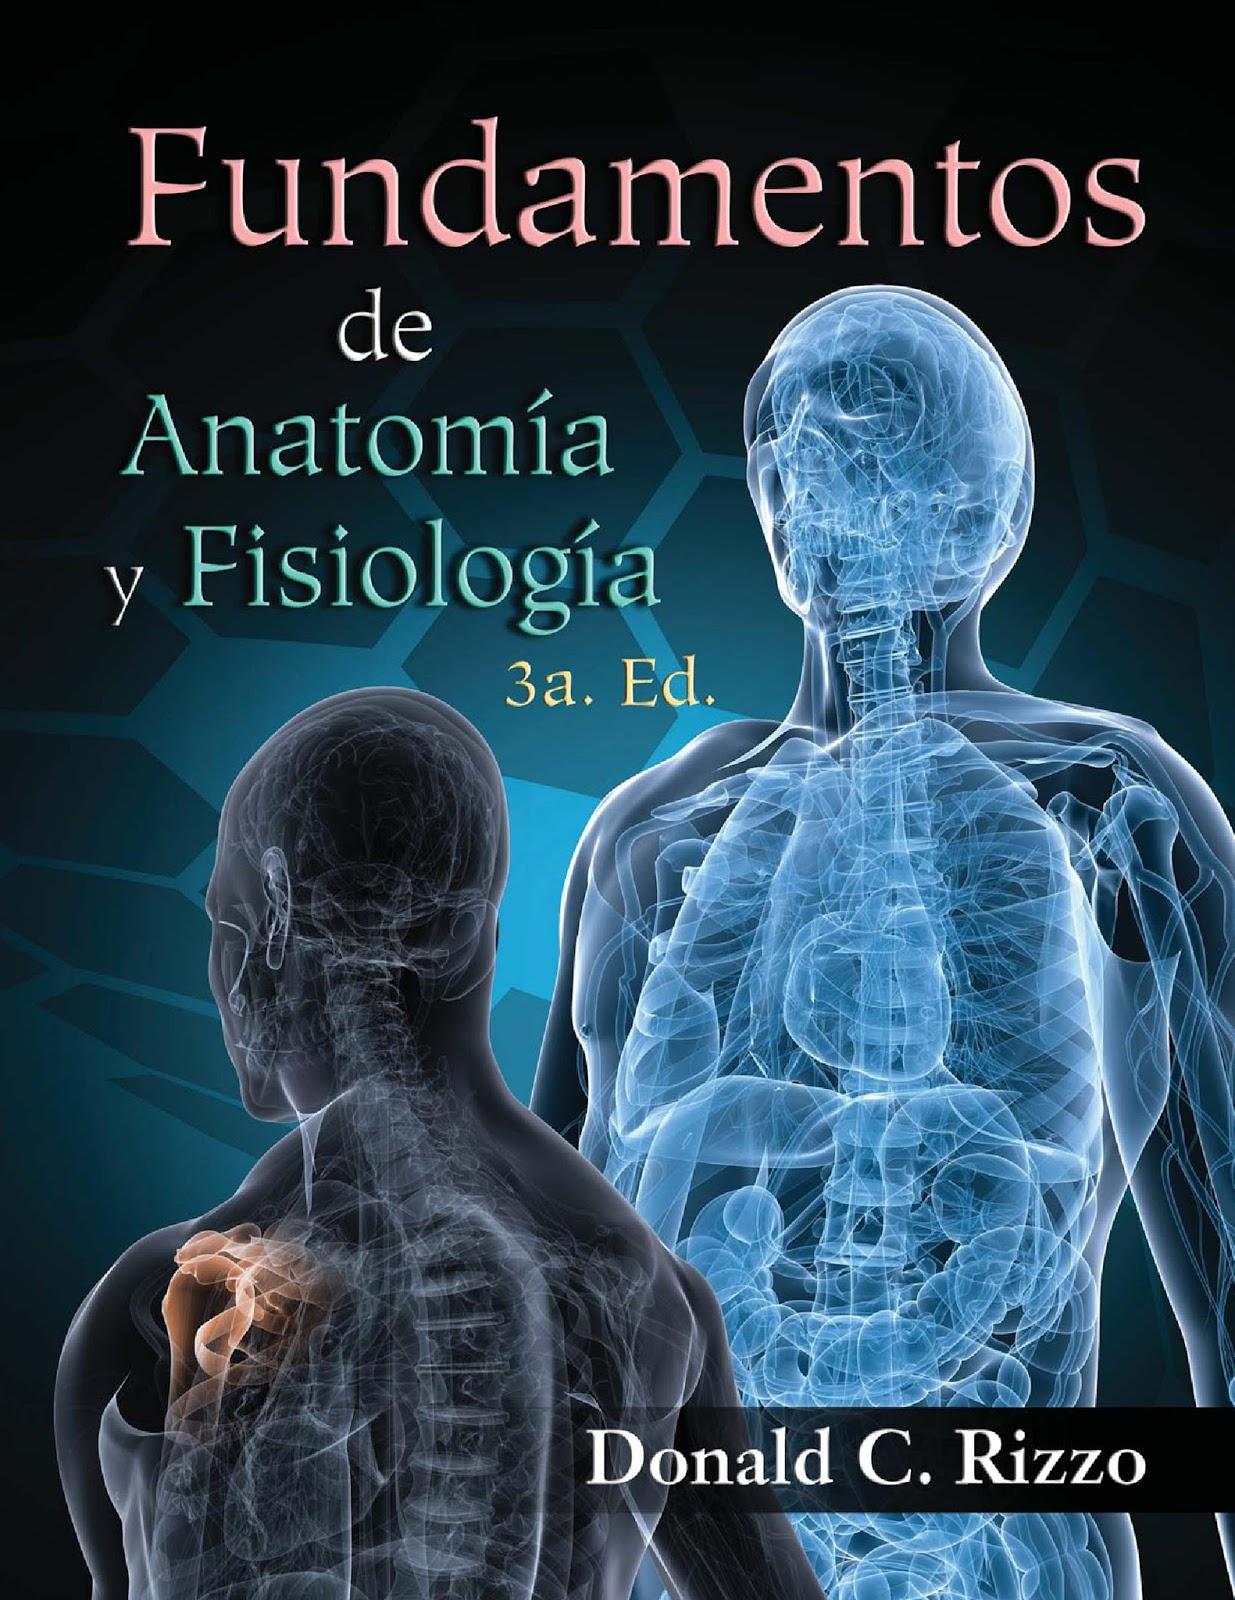 Fundamentos de anatomía y fisiología, 3ra Edición – Donald C. Rizzo ...